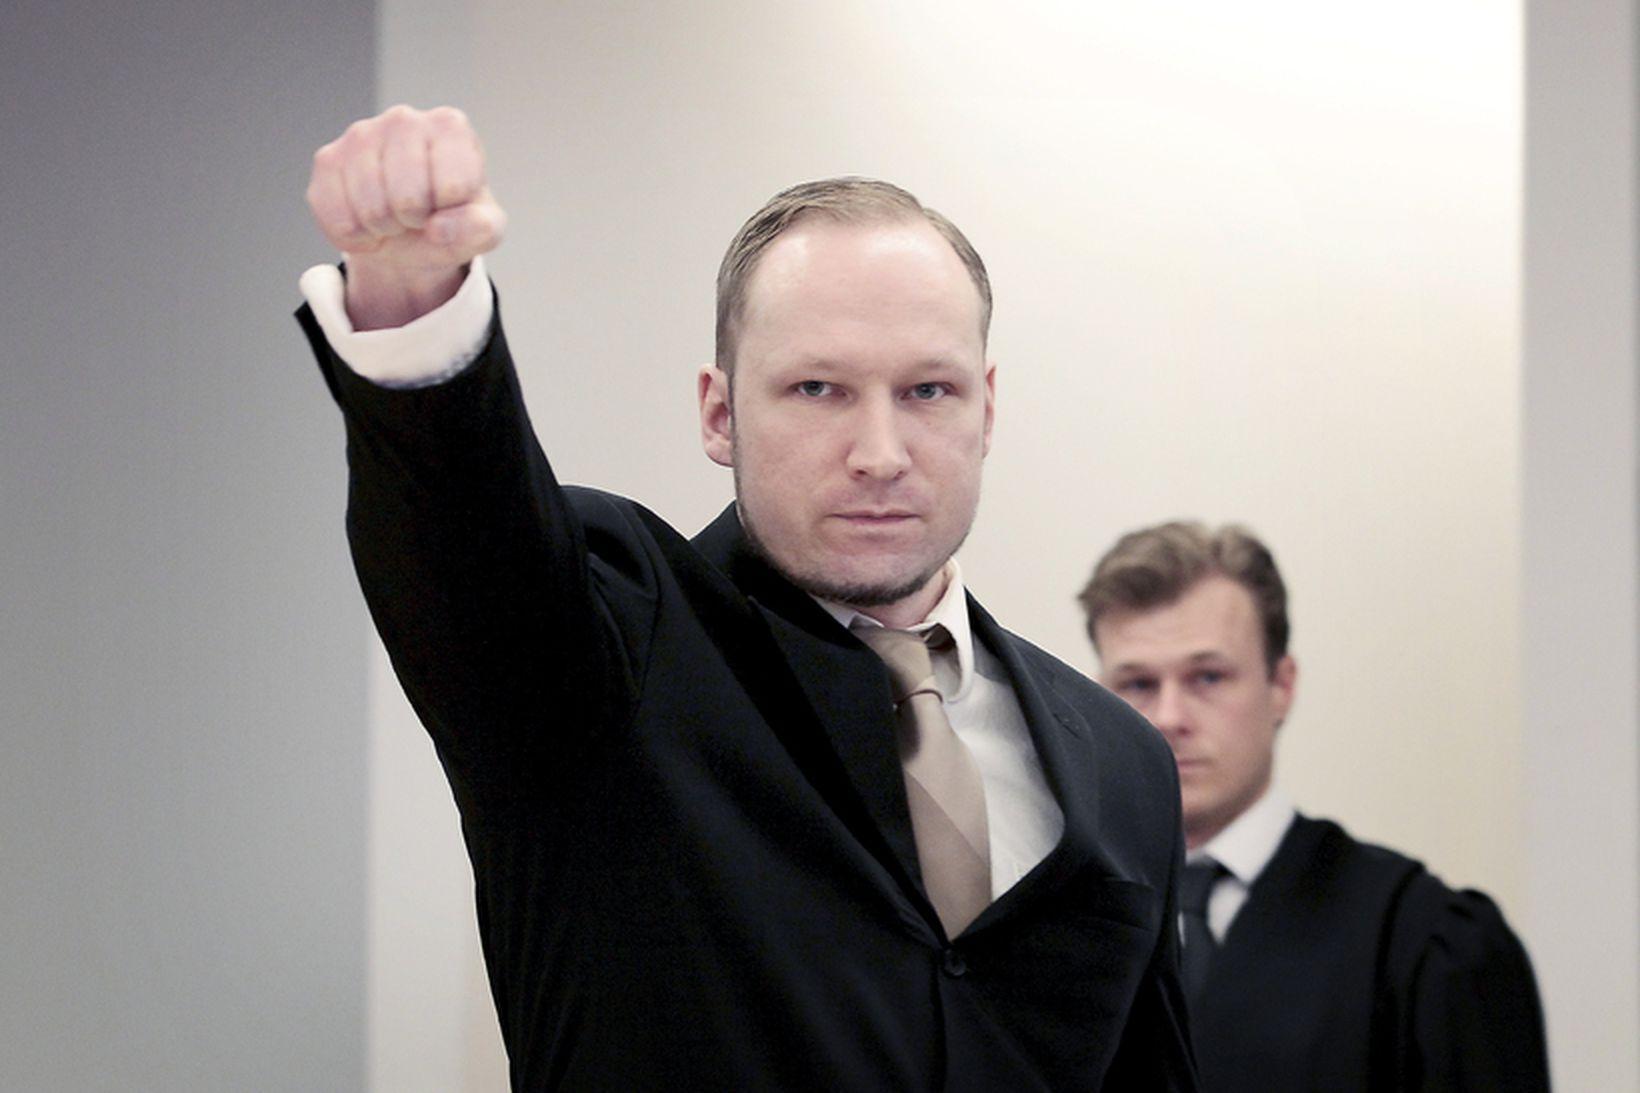 Fjotolf Hansen, betur þekktur sem Anders Behring Breivik, skæðasti fjöldamorðingi …